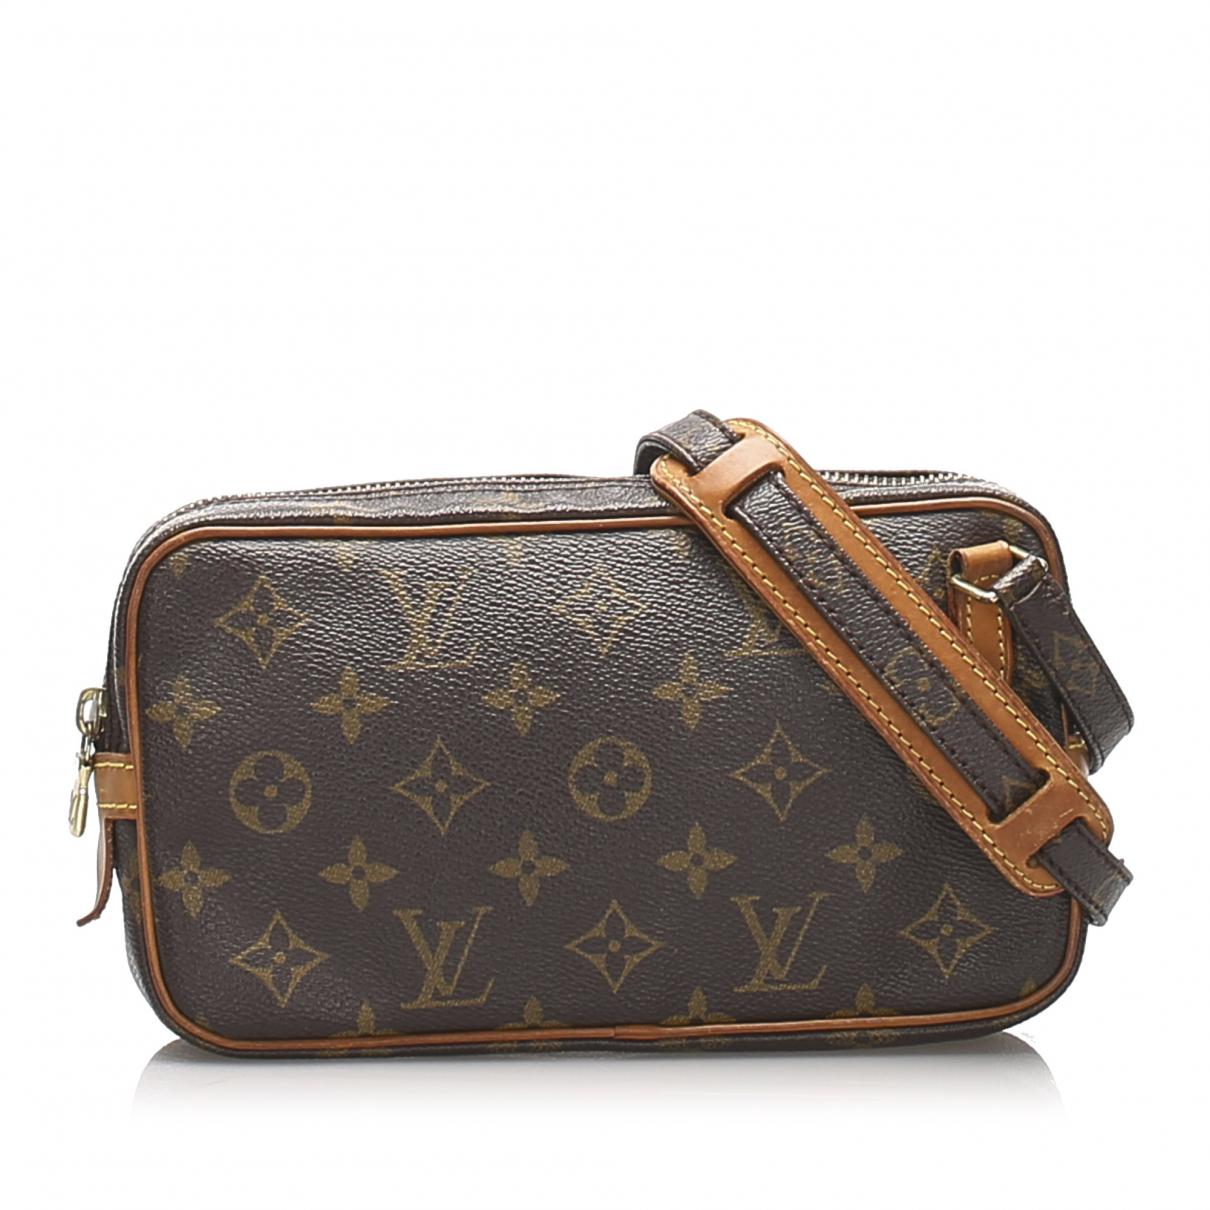 Louis Vuitton - Sac a main Marly pour femme en toile - marron